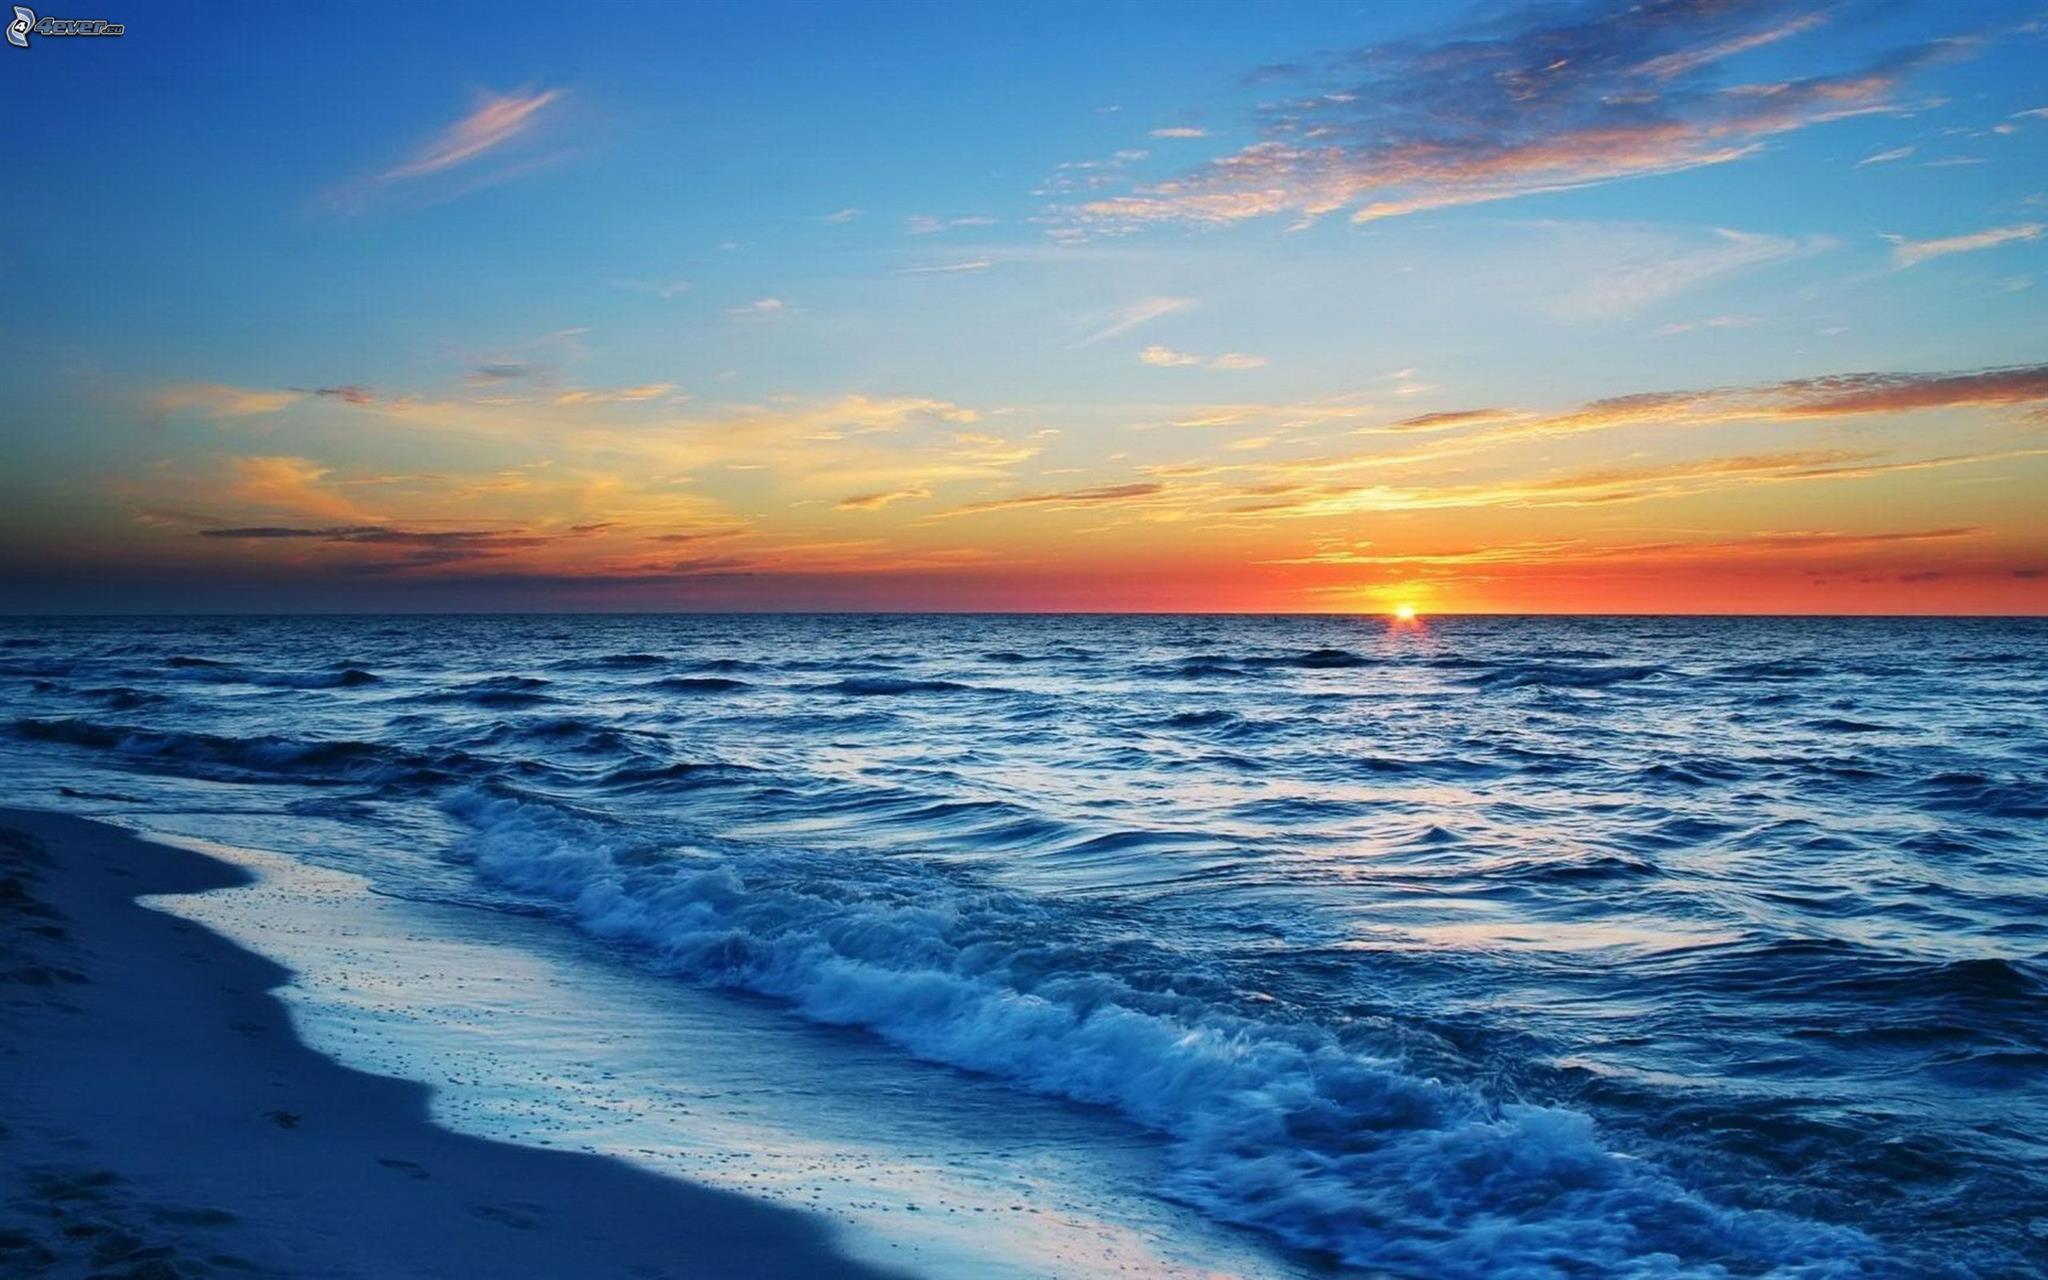 puesta-de-sol-sobre-el-oceano,-playa-205898